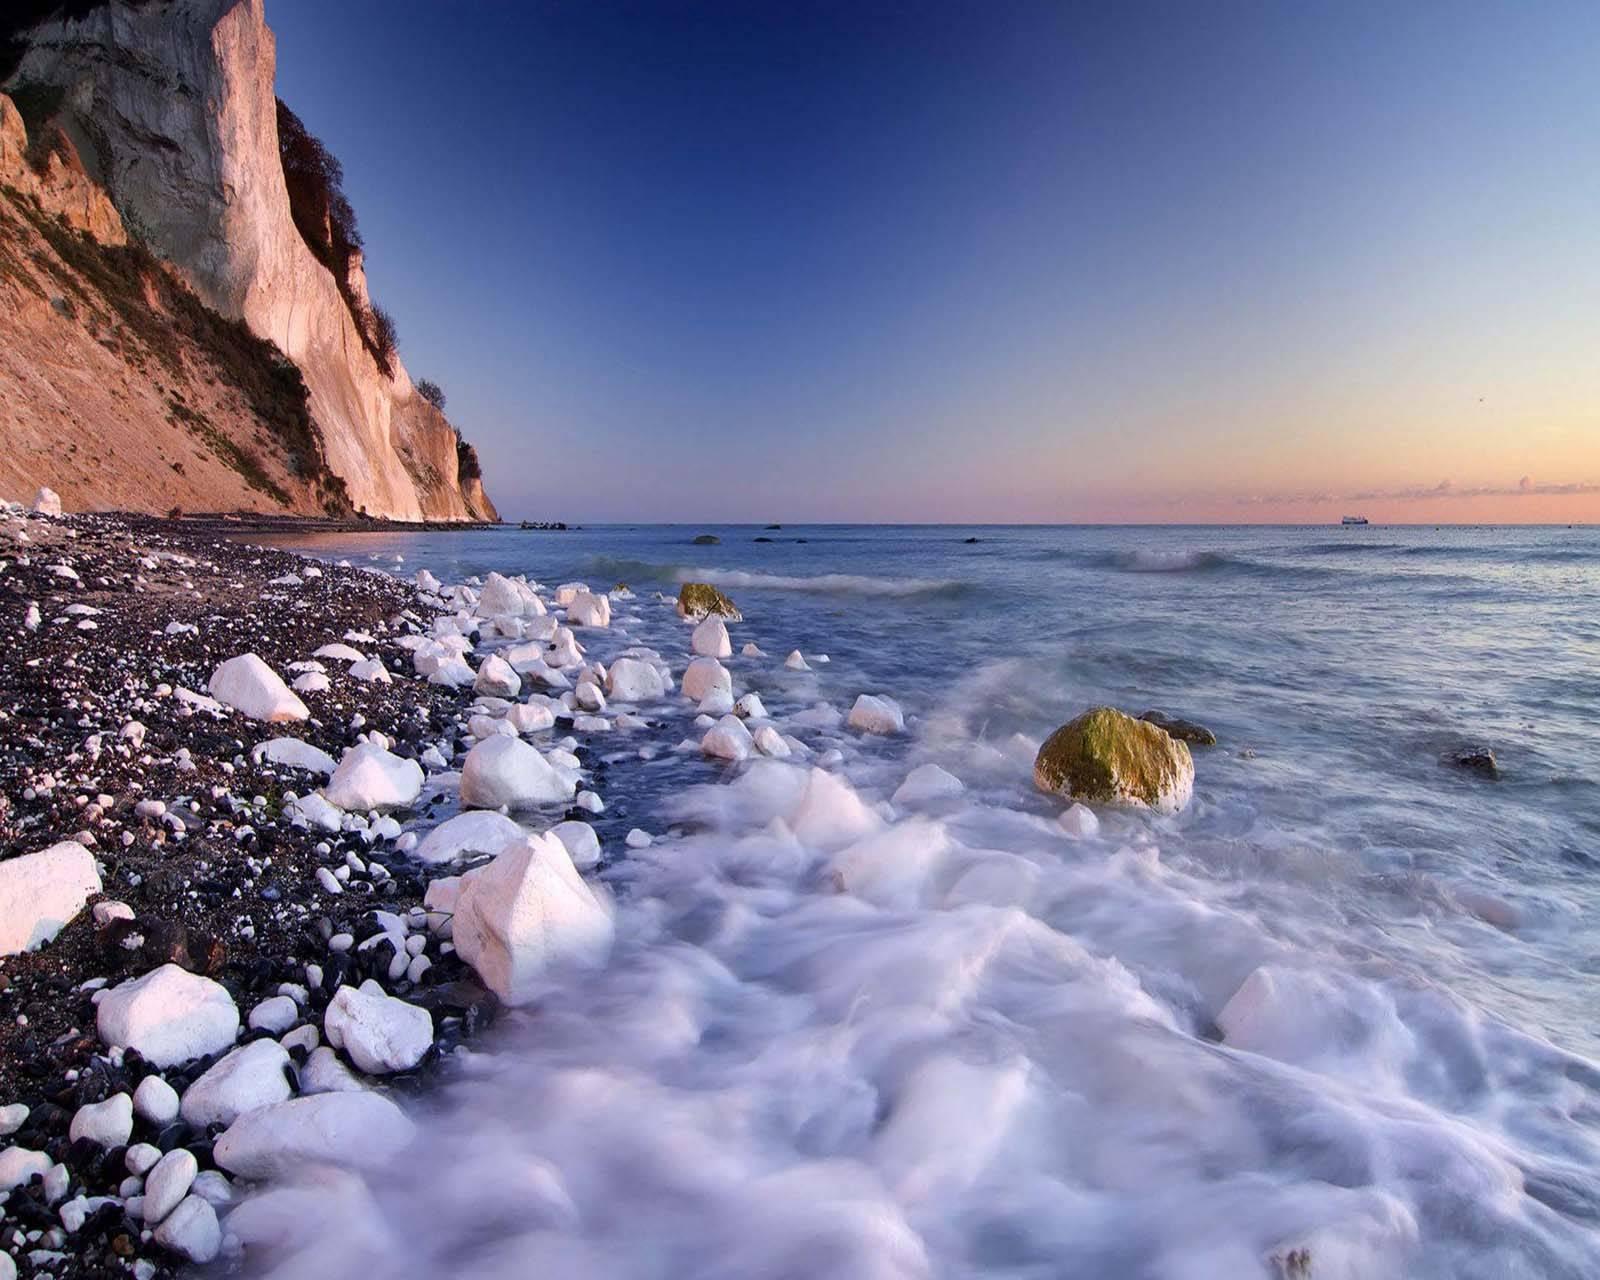 Coastal stone